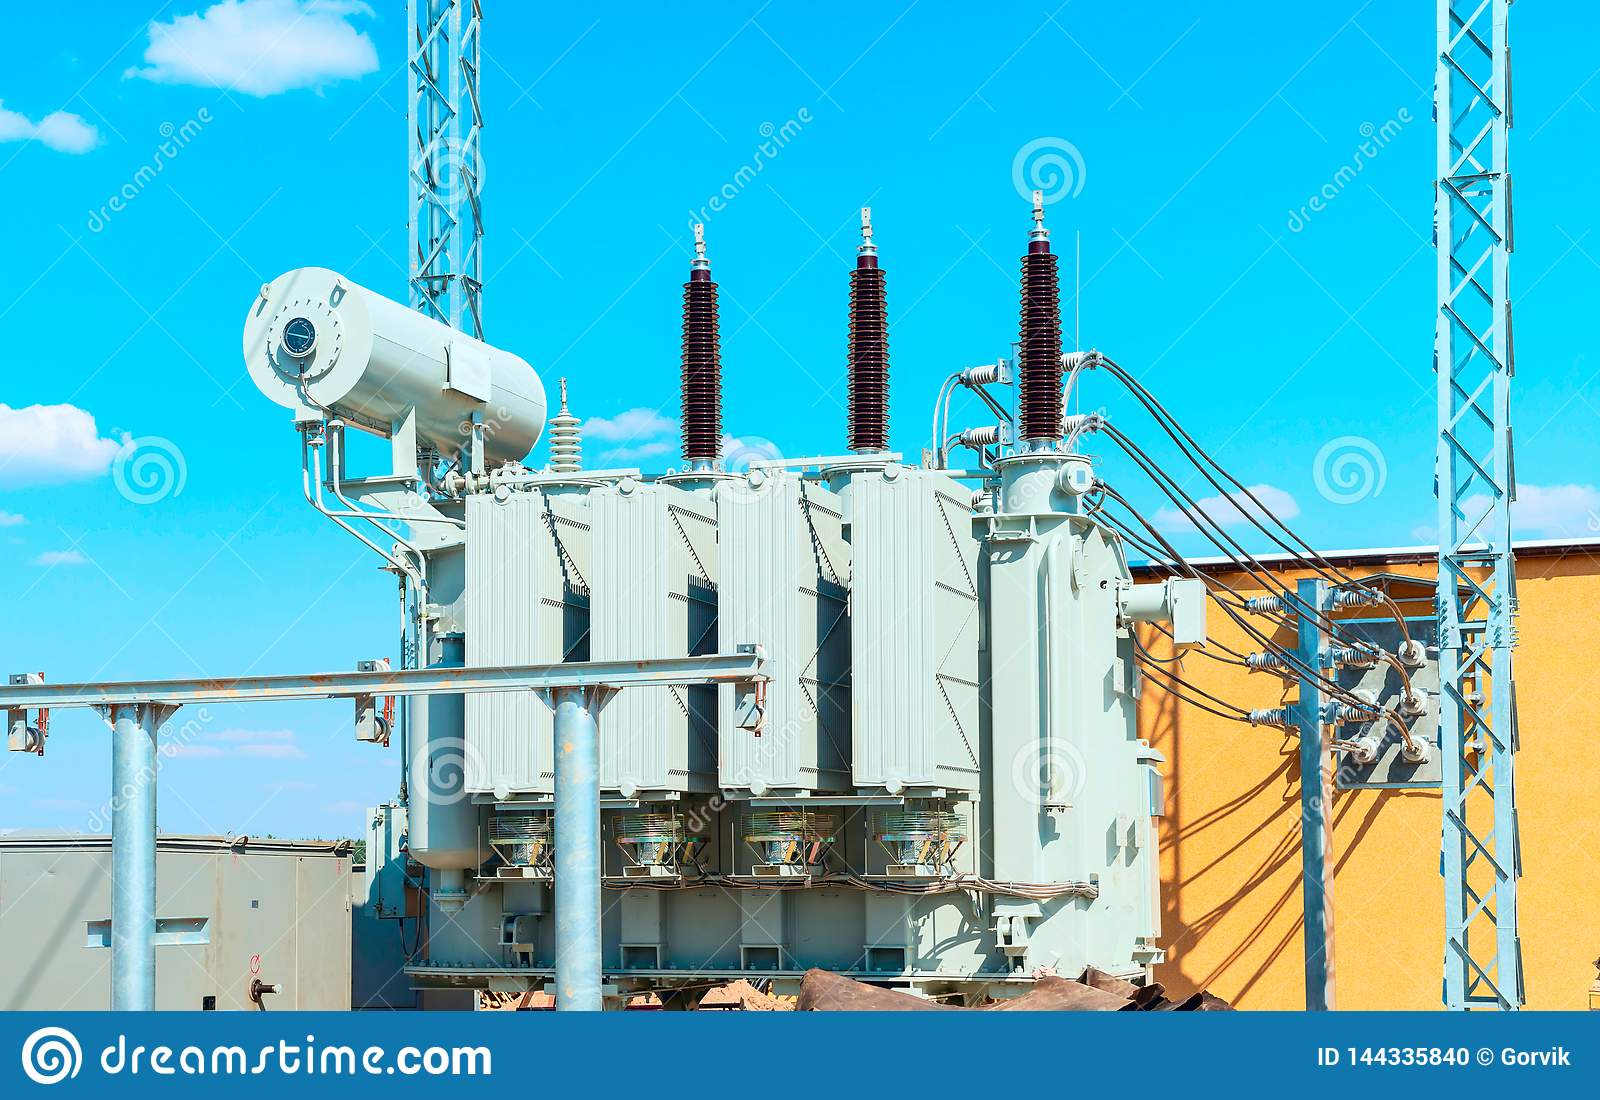 Current transformer 110 kV Electrical high voltage